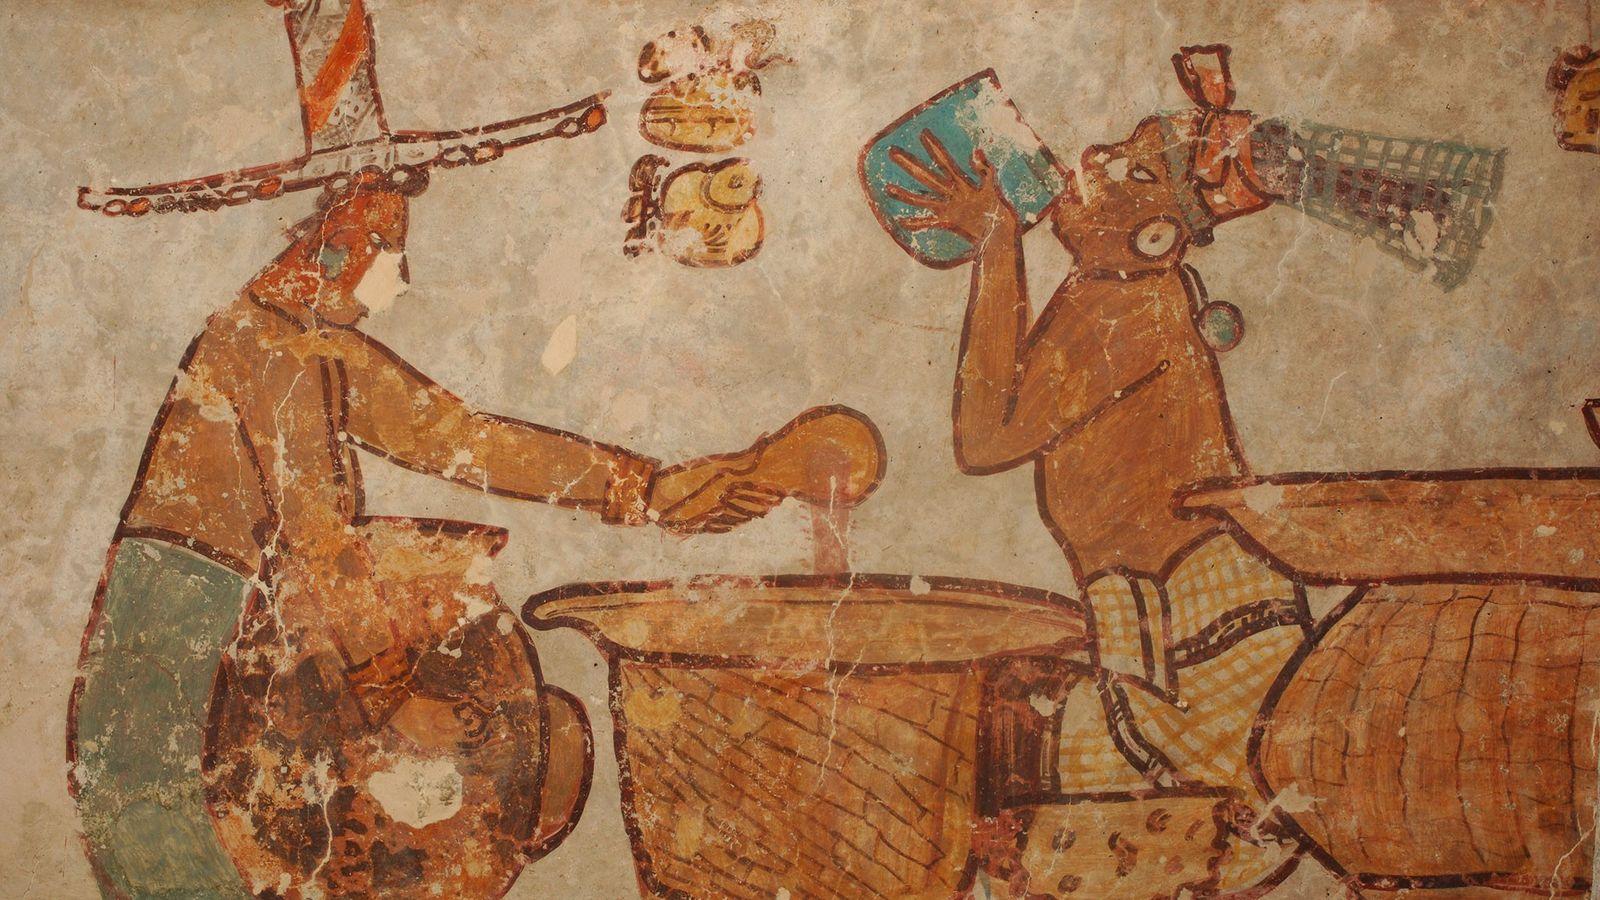 PASIÓN MAYA POR EL CHOCOLATE - Estas pinturas de la antigua ciudad maya de Calakmul muestran ...